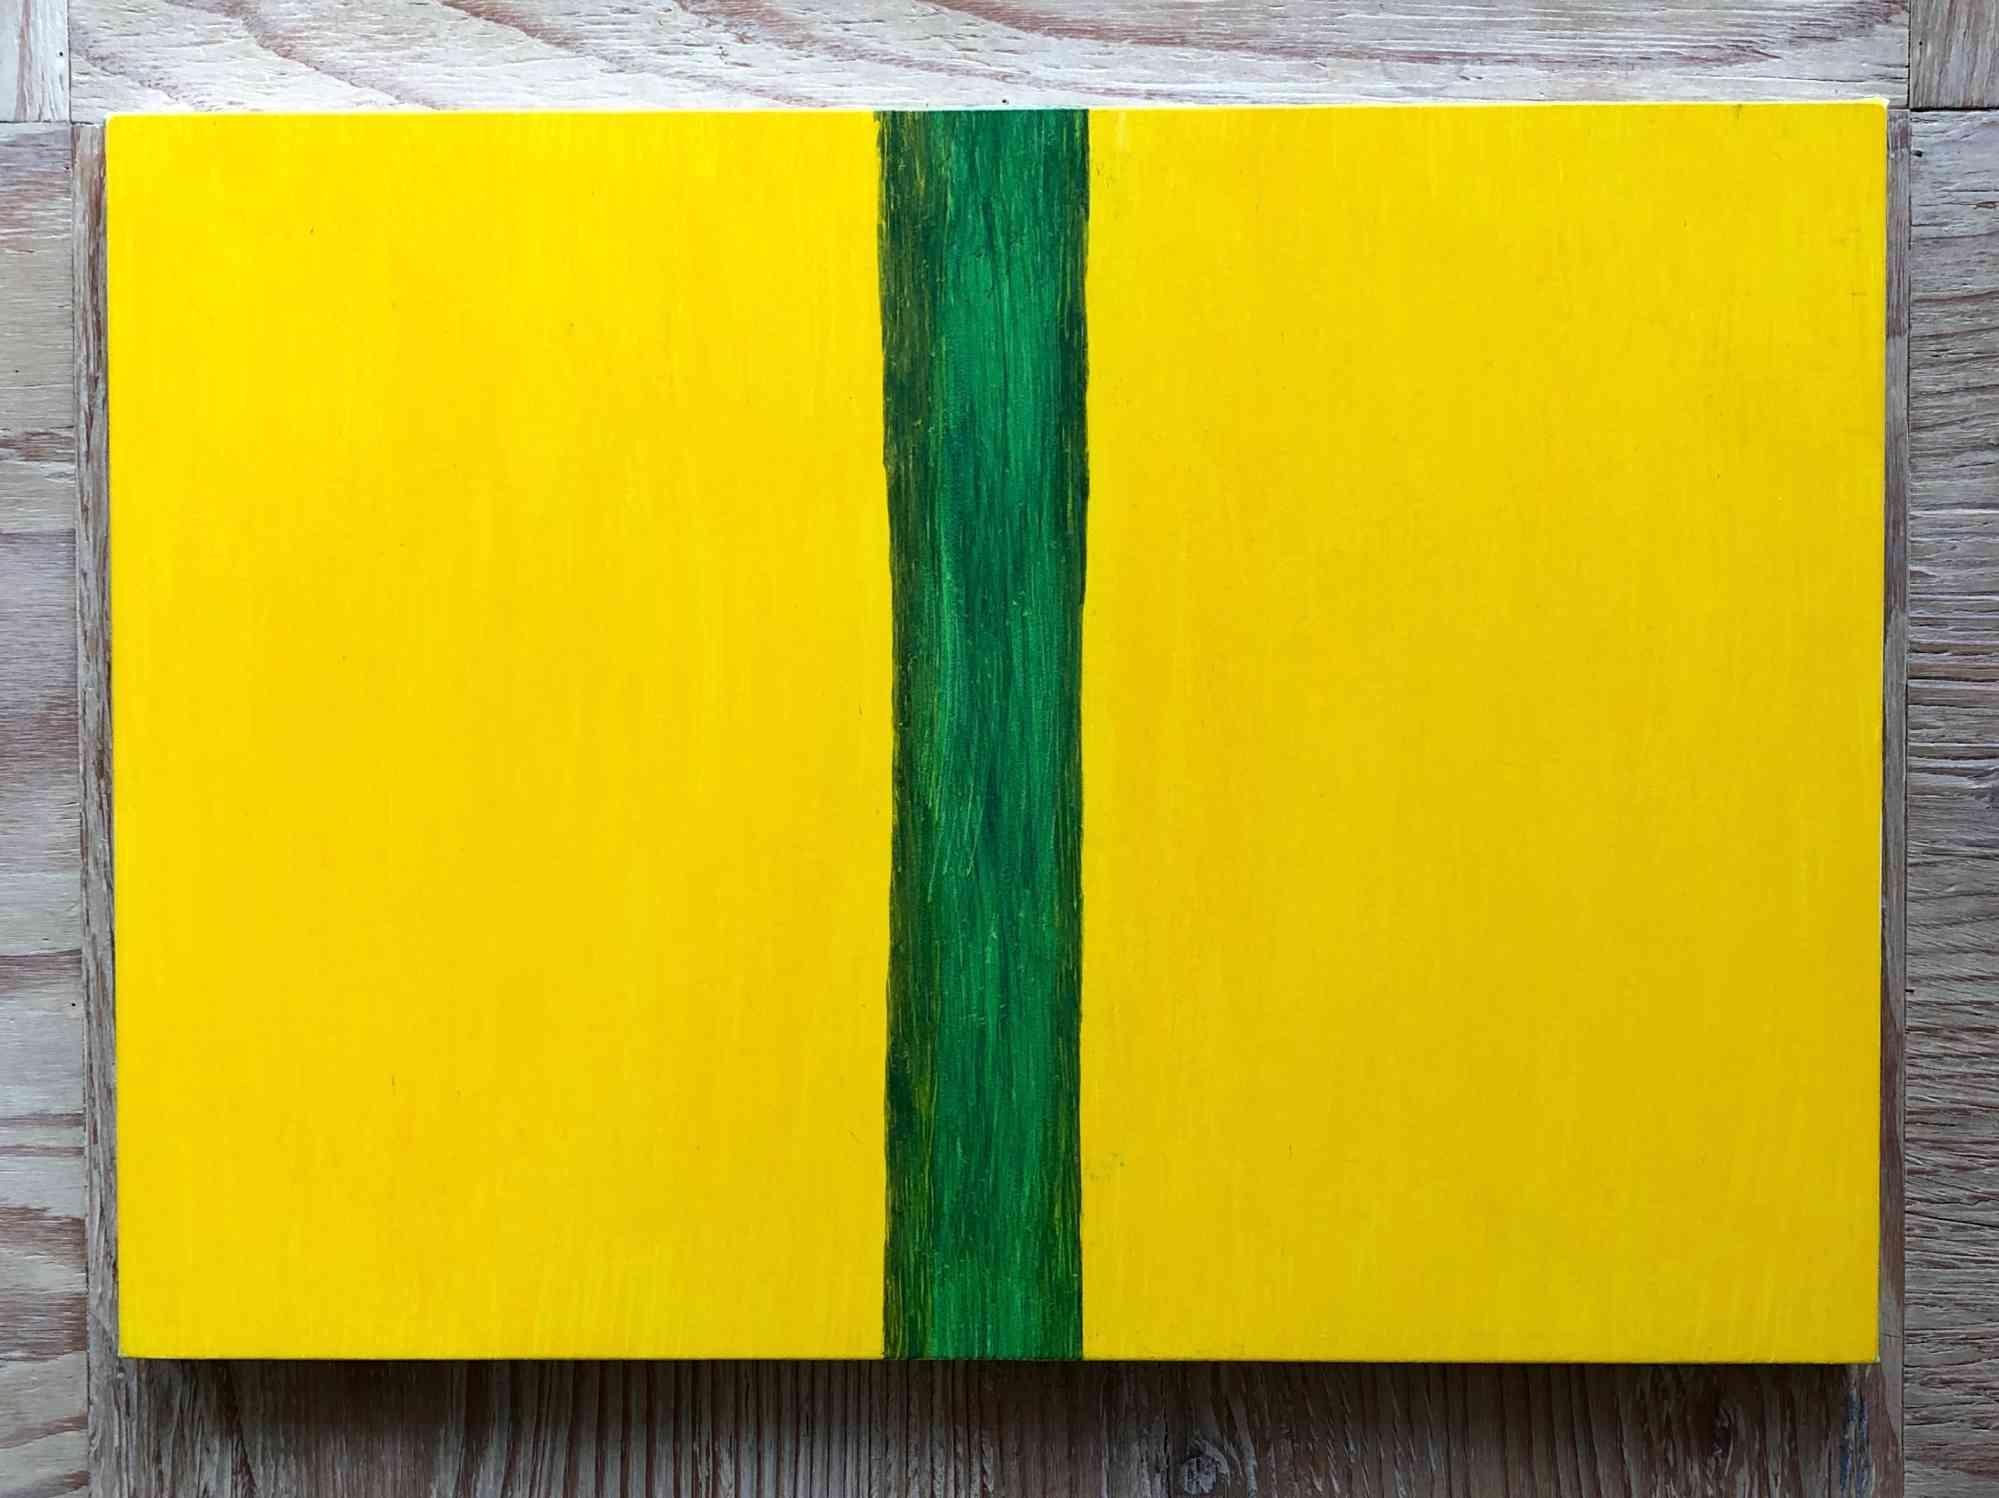 Yellow/Sap green (Pansy)